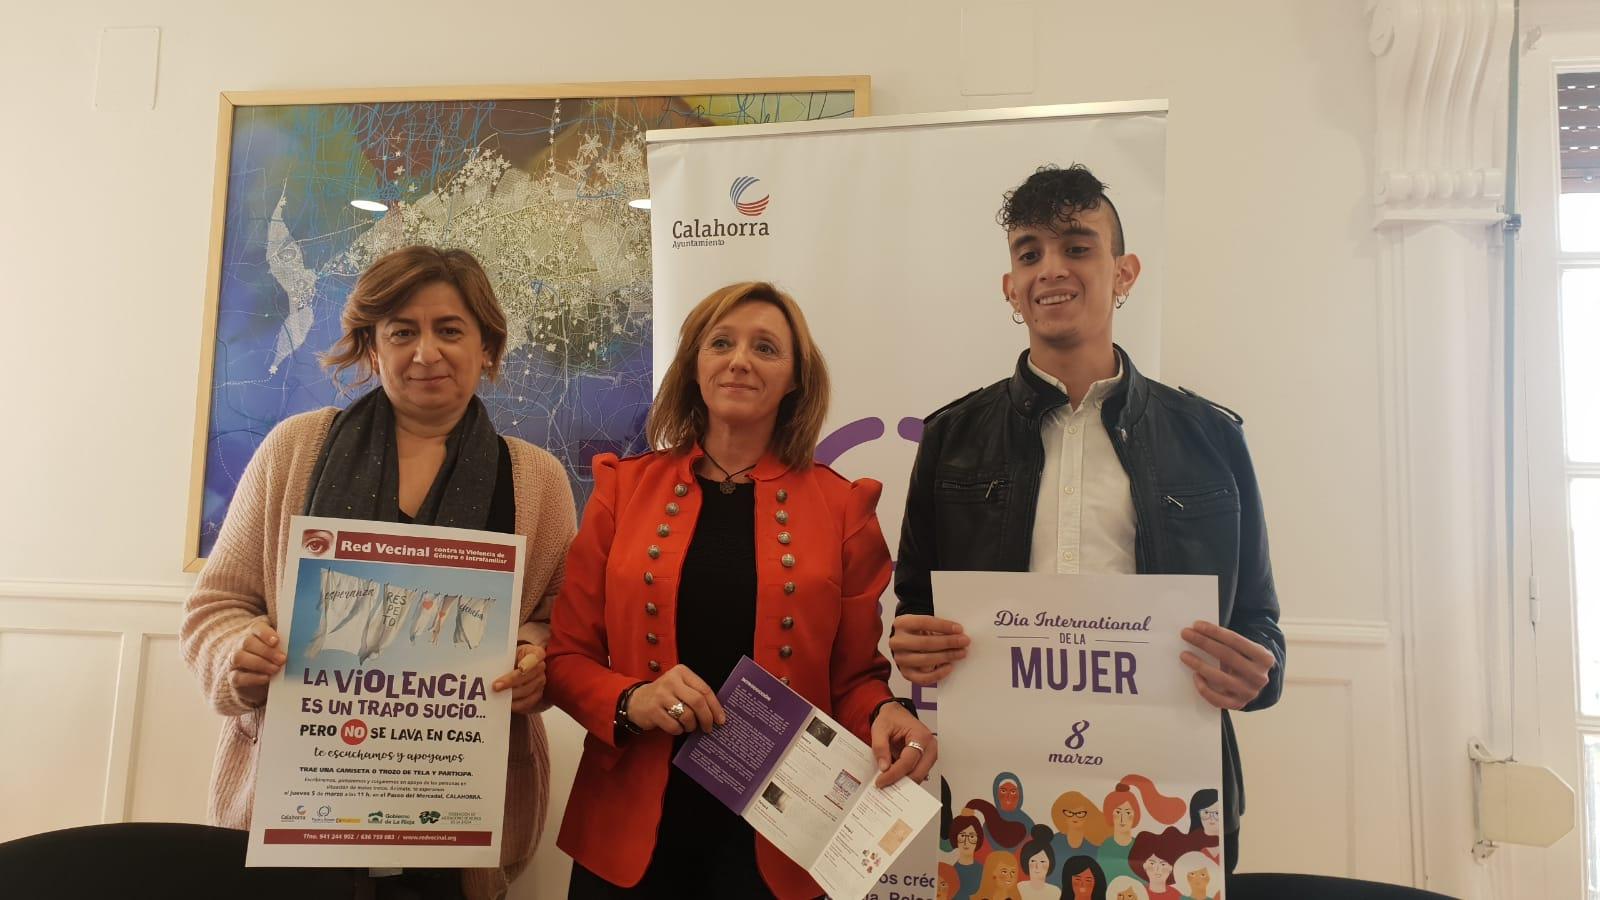 El 8M se celebra en Calahorra con cine, música y talleres infantiles